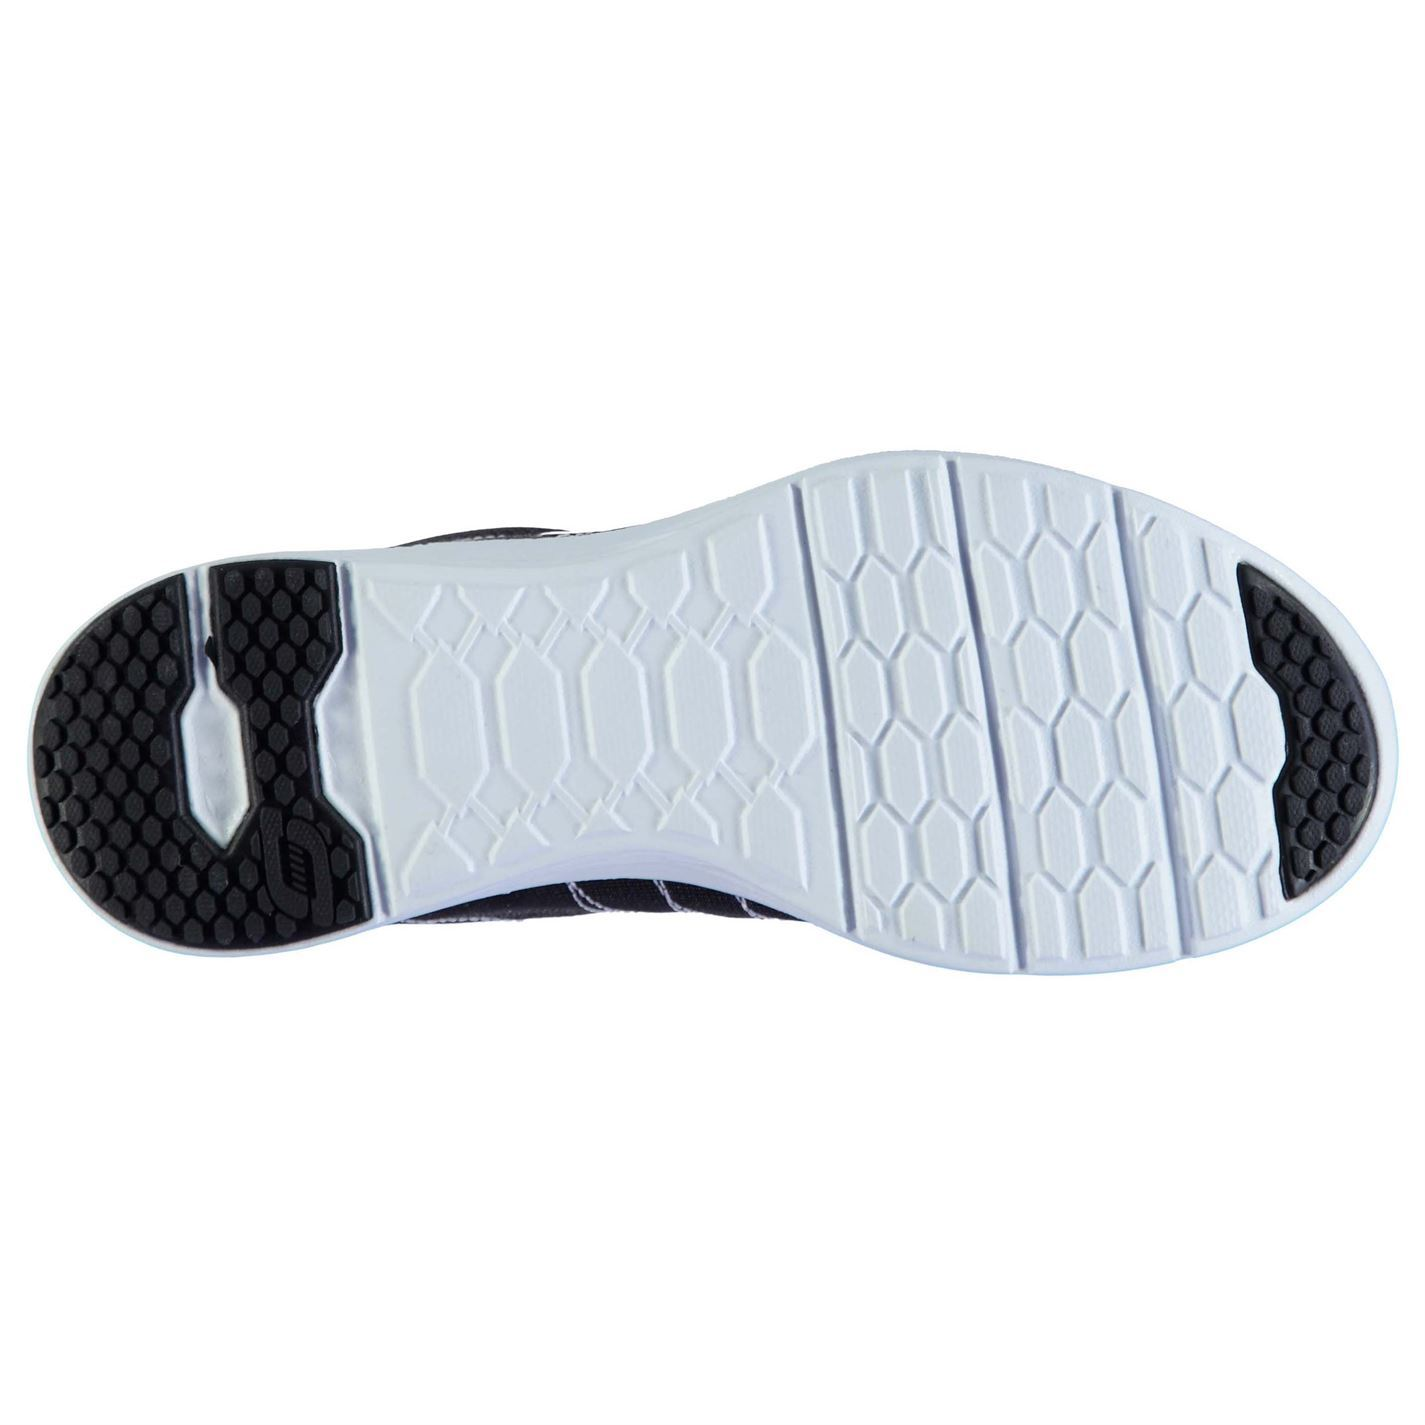 Detalles de Skechers Valeris Zapatillas Mujer NegroBlanco Zapatos Mujer Calzado